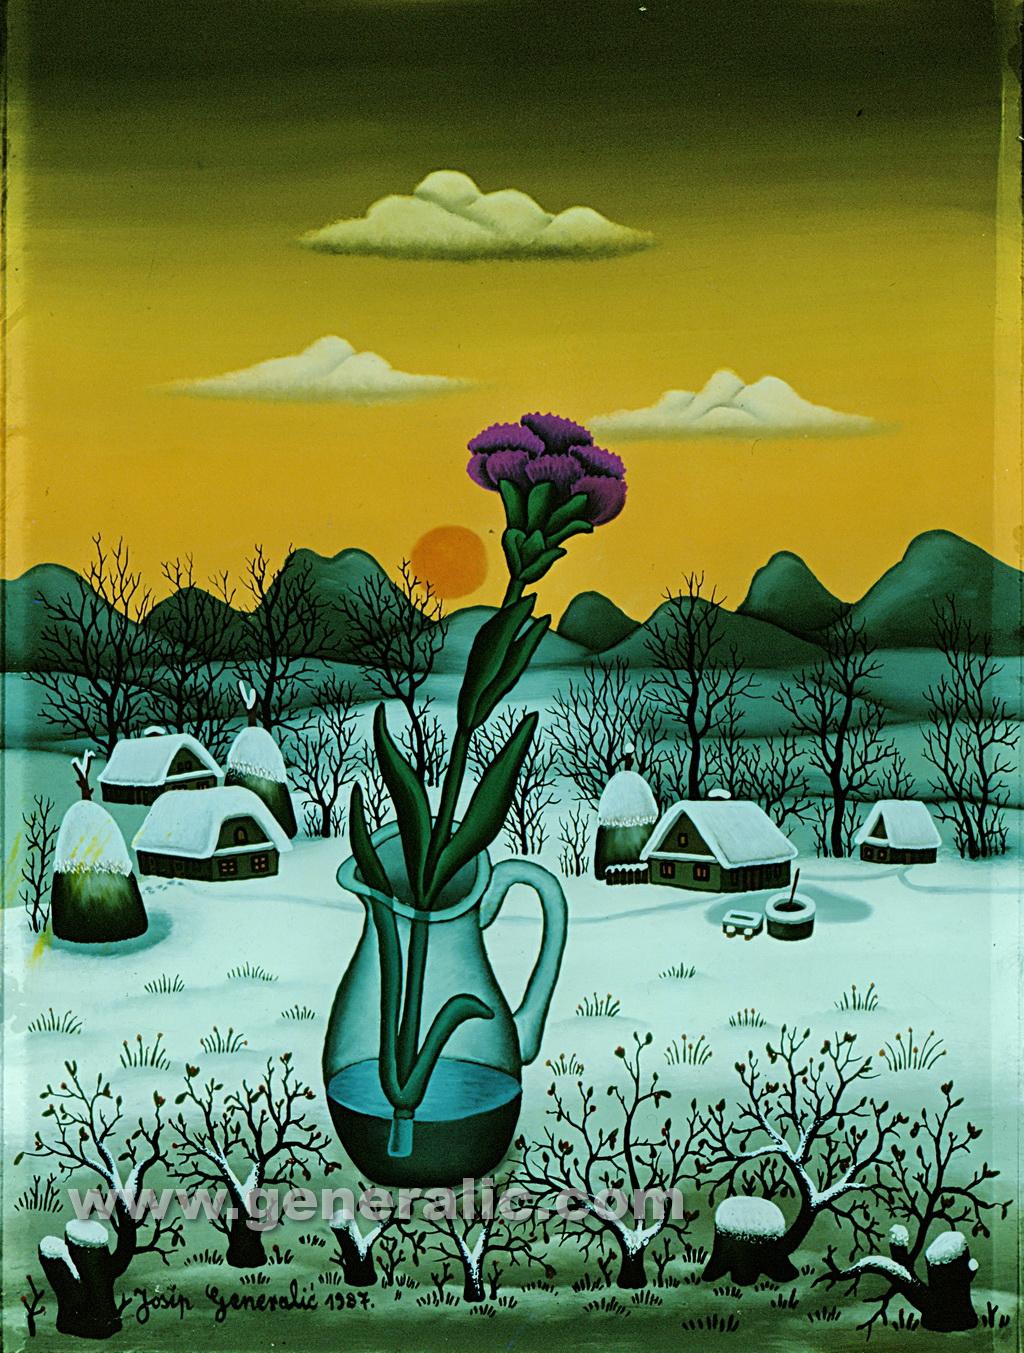 Josip Generalic, 1987, Winter flower, oil on glass